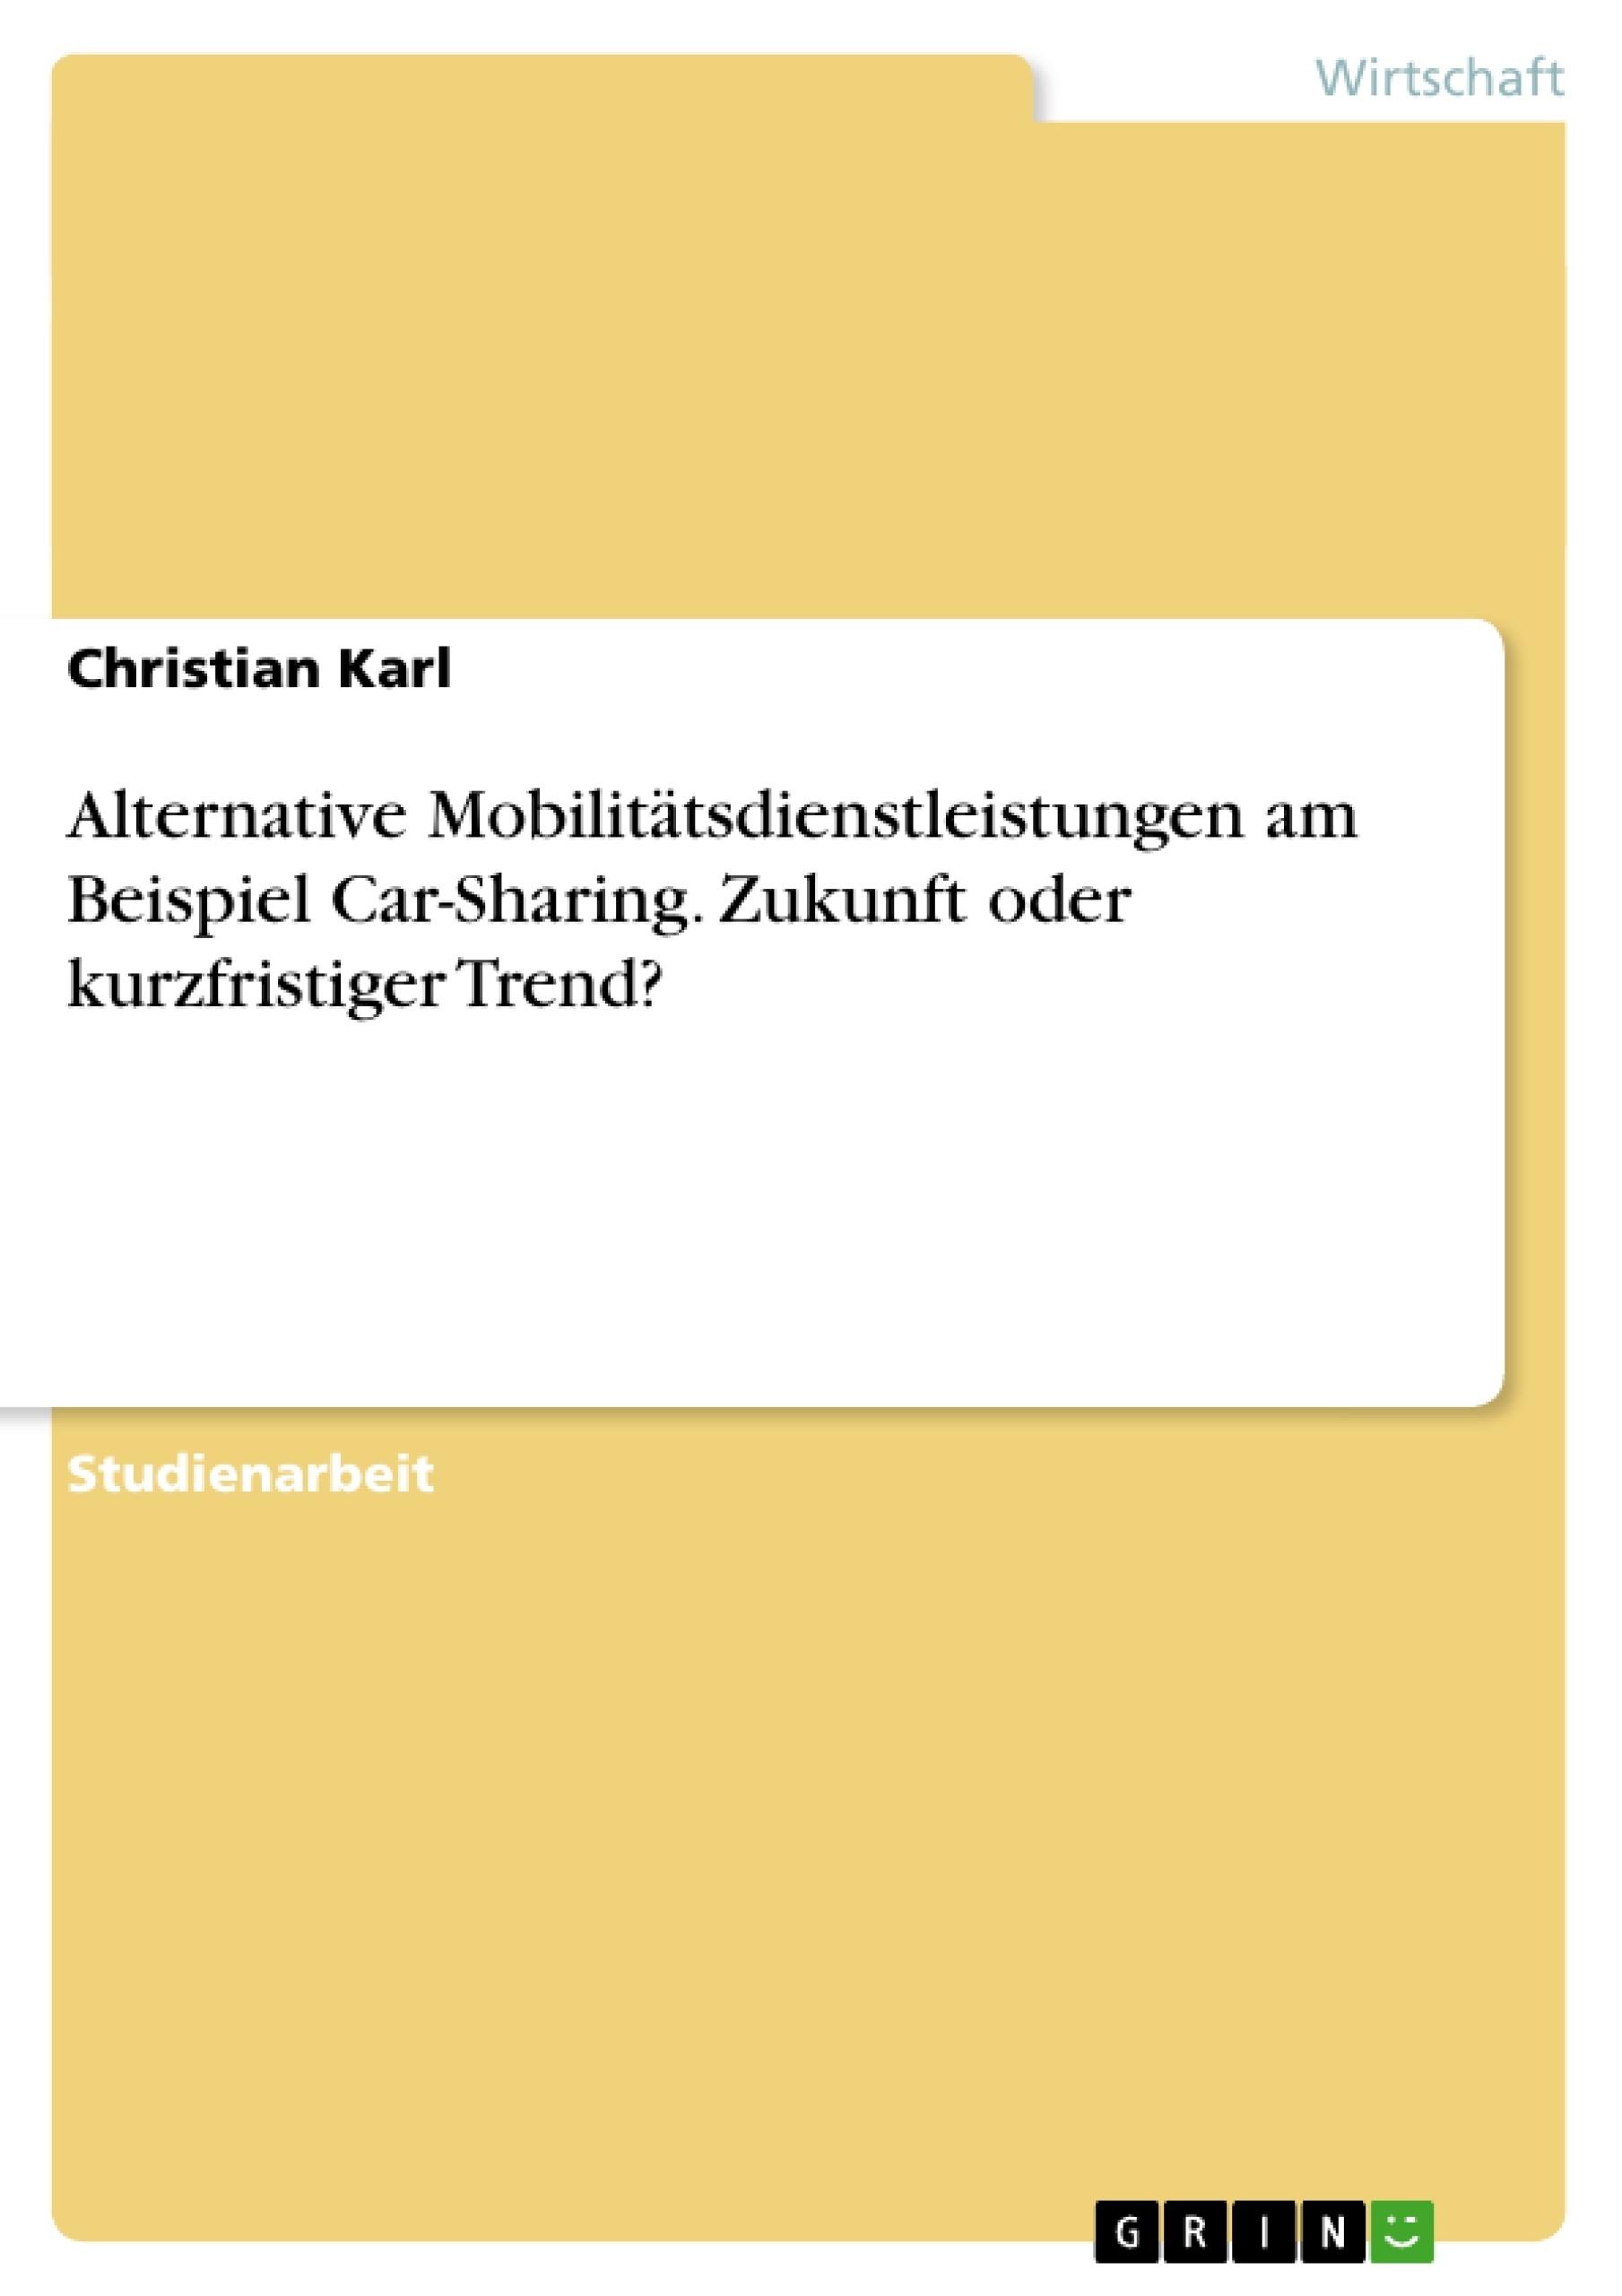 Titel: Alternative Mobilitätsdienstleistungen am Beispiel Car-Sharing. Zukunft oder kurzfristiger Trend?